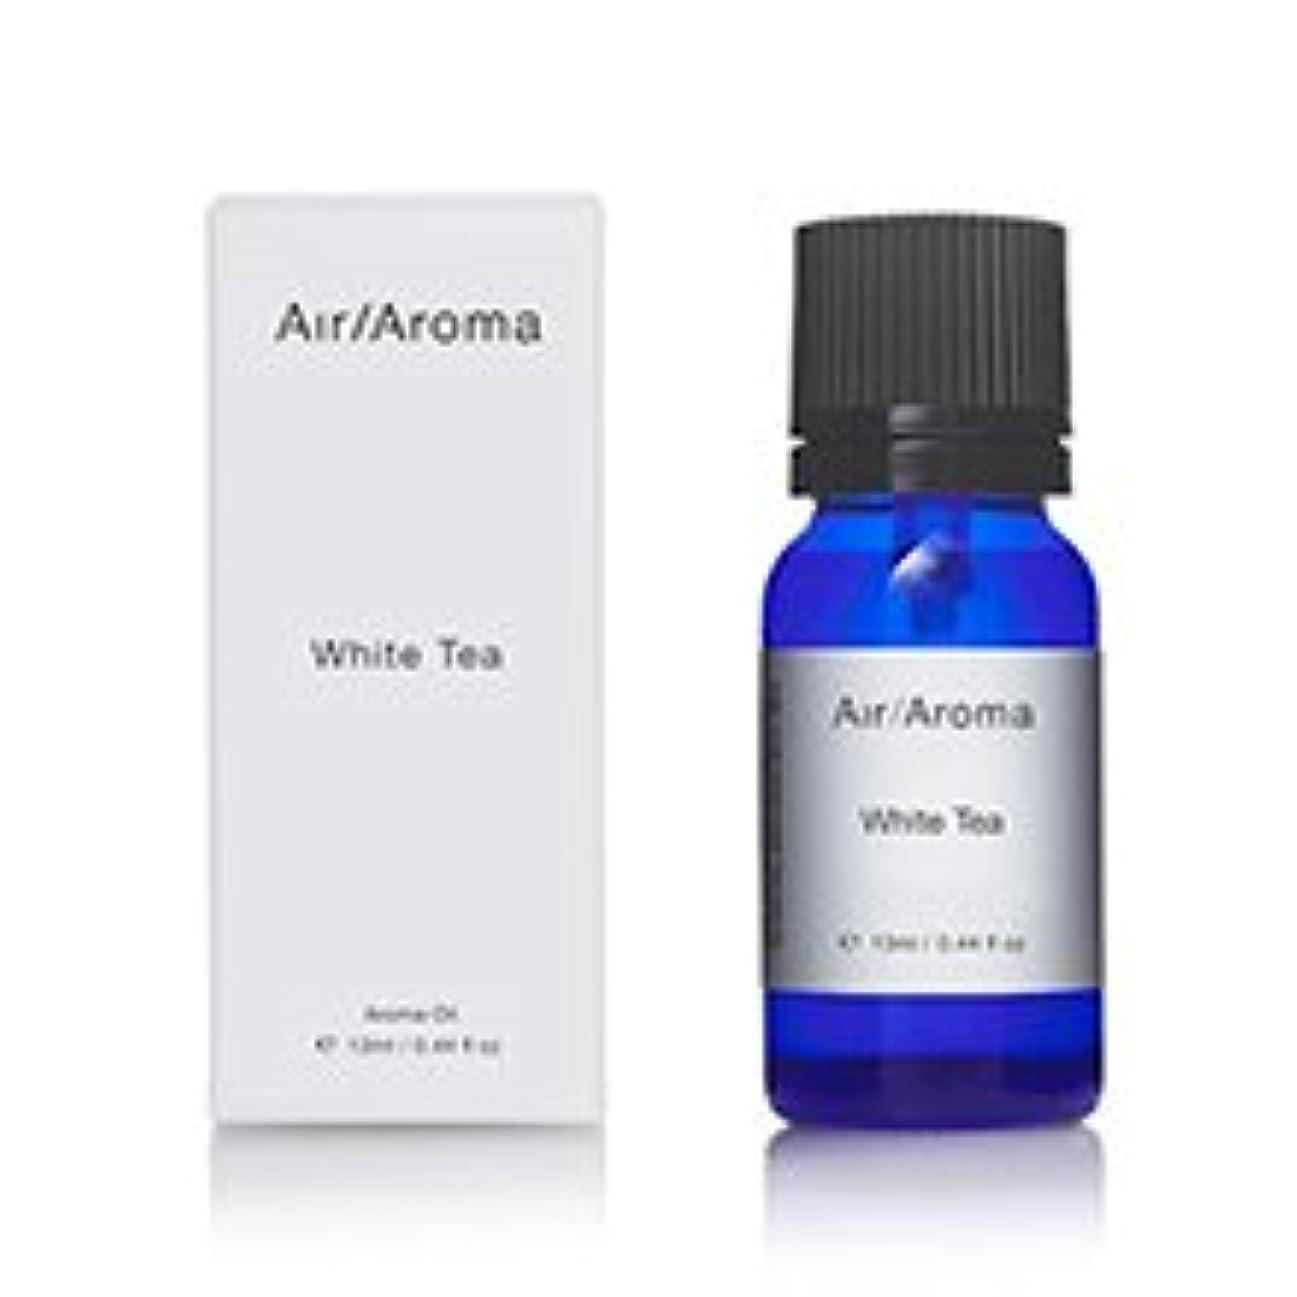 汗増幅する吸収剤エアアロマ White Tea (ホワイトティー) 13ml